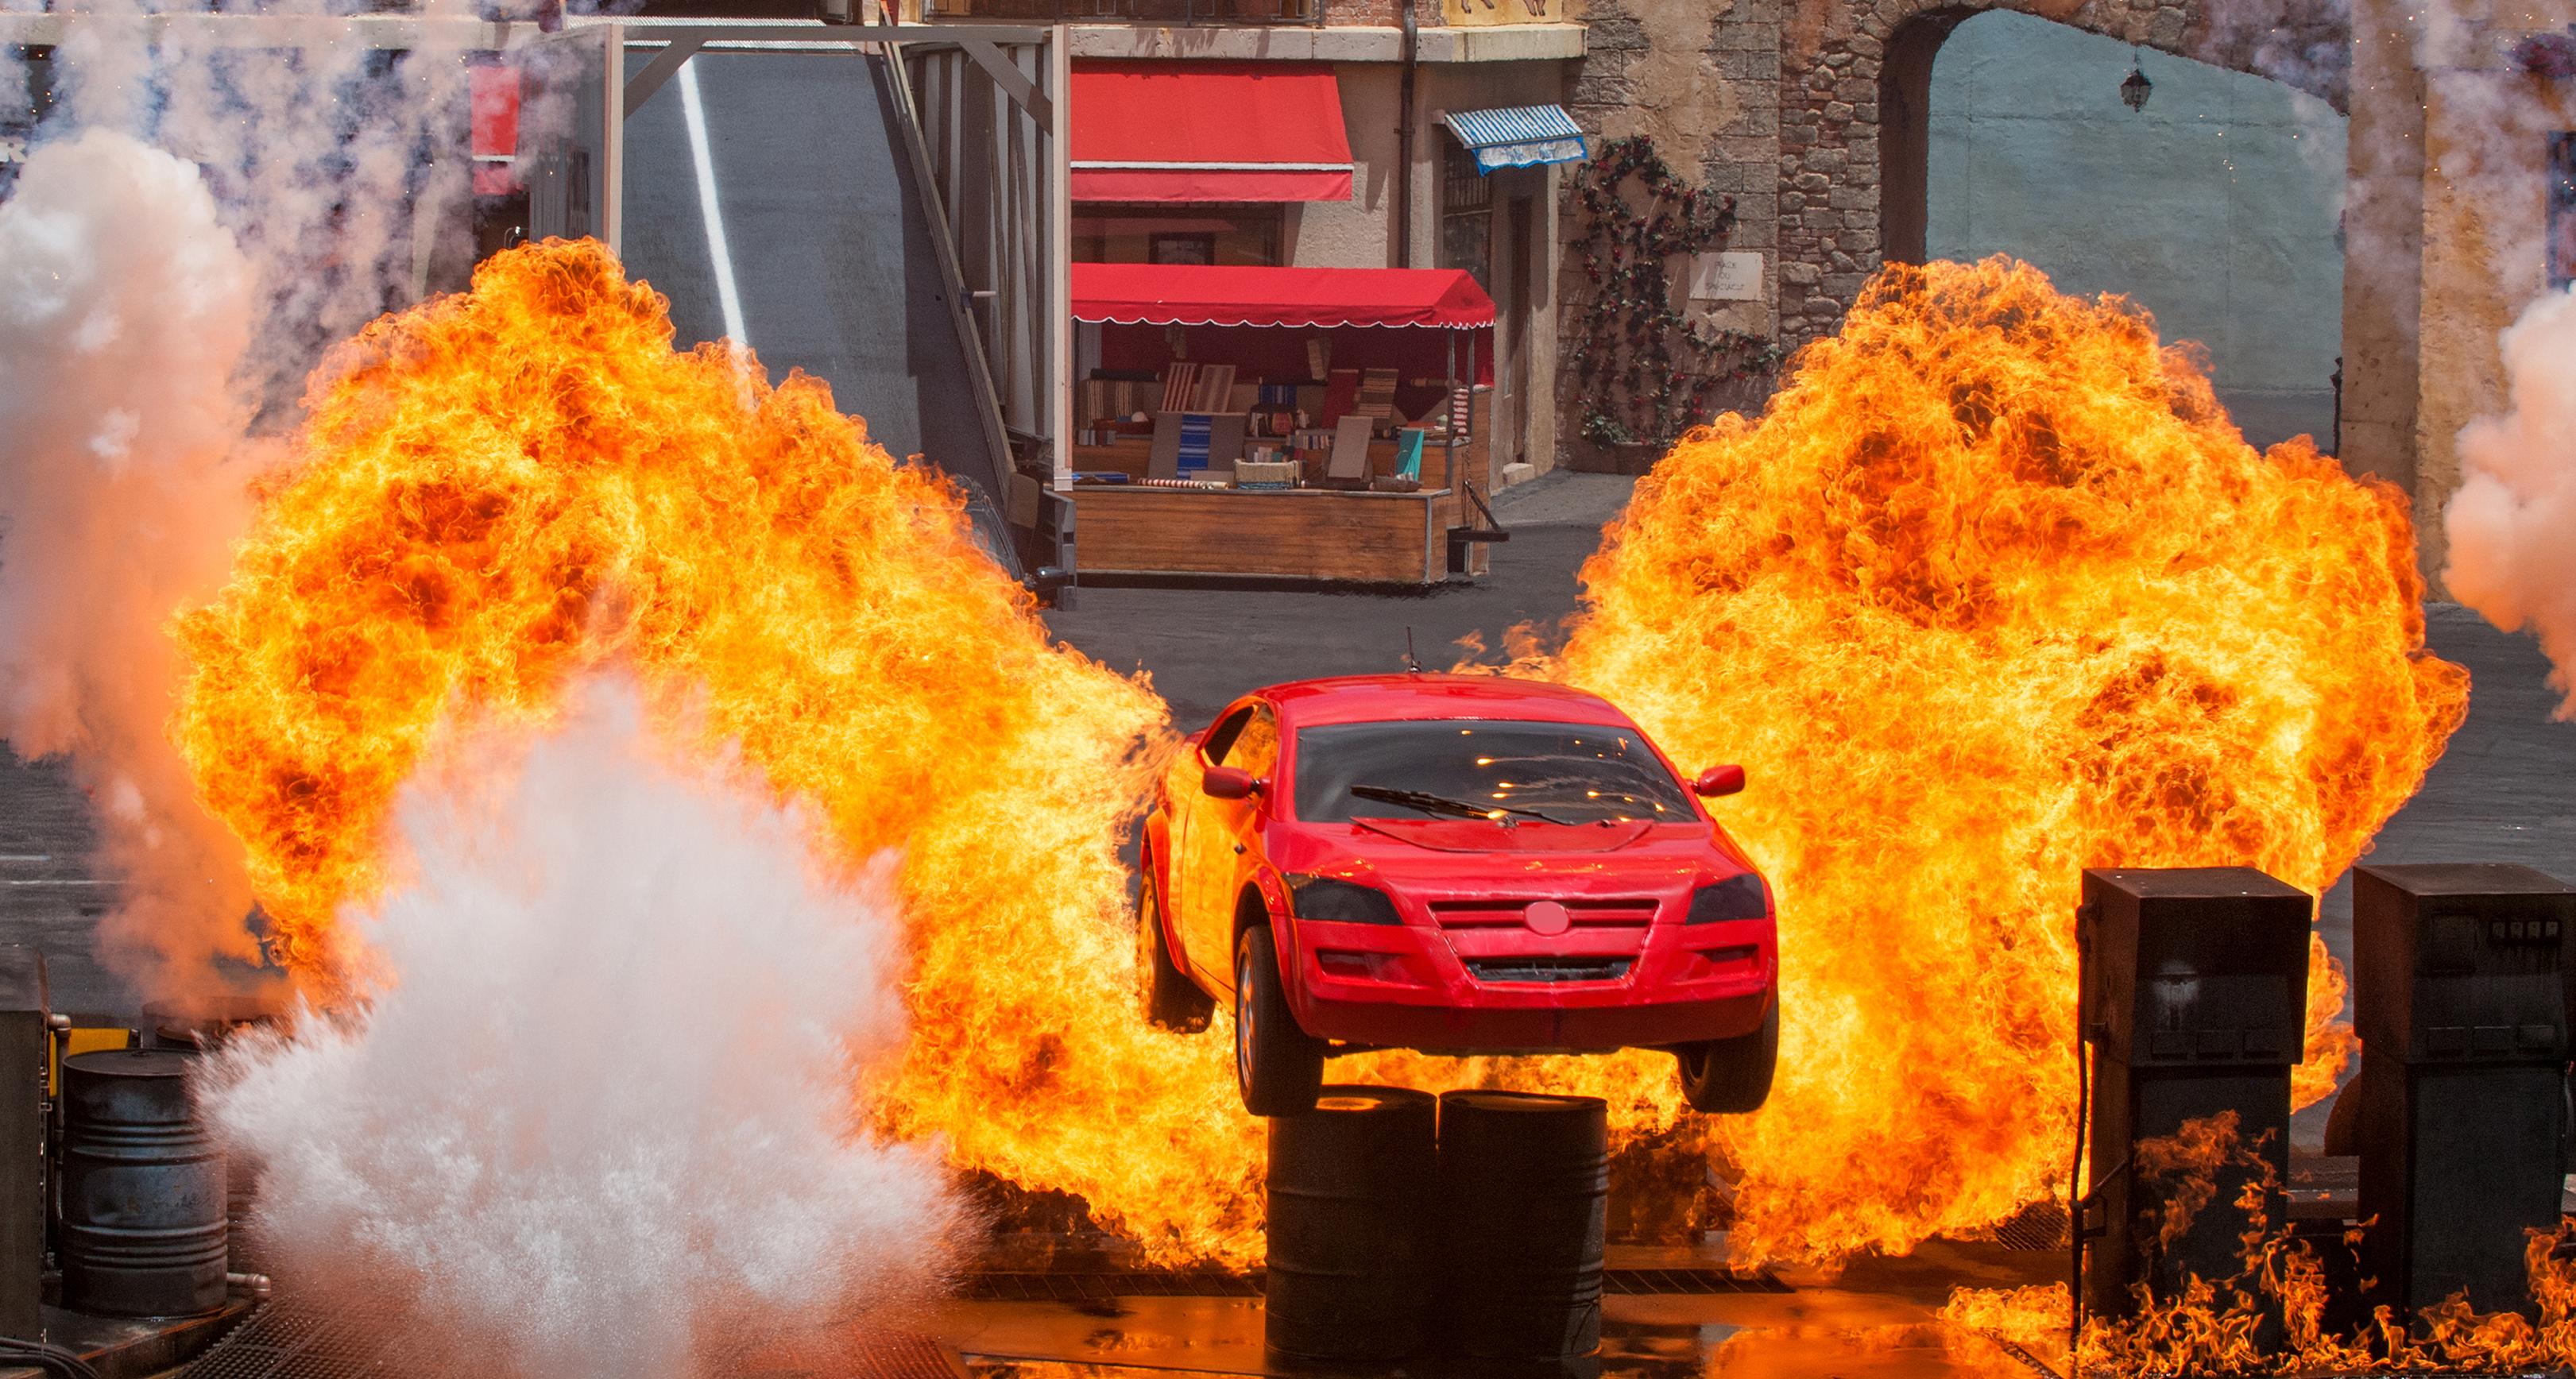 Las explosiones casi devoran un auto cuando se lanza al aire en Lights, Motors, Action! Extreme Stunt Show